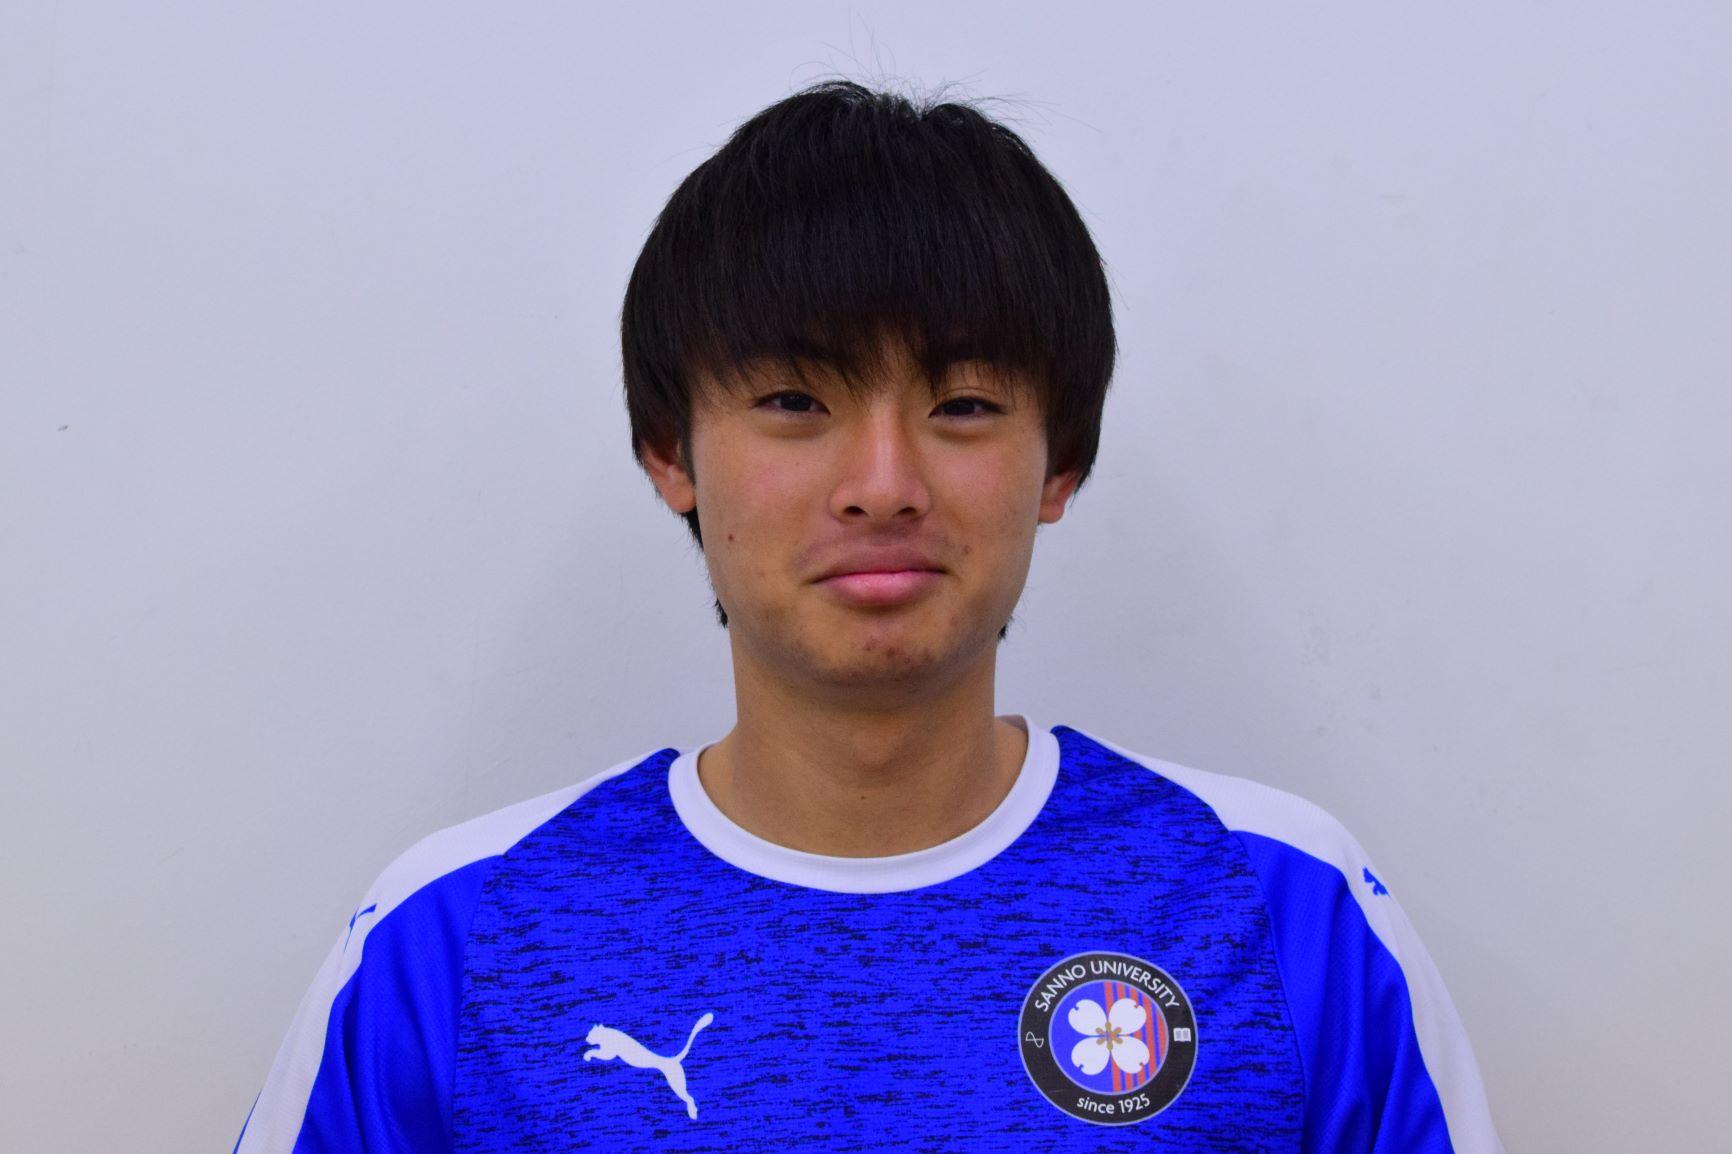 吉田 雄汰朗